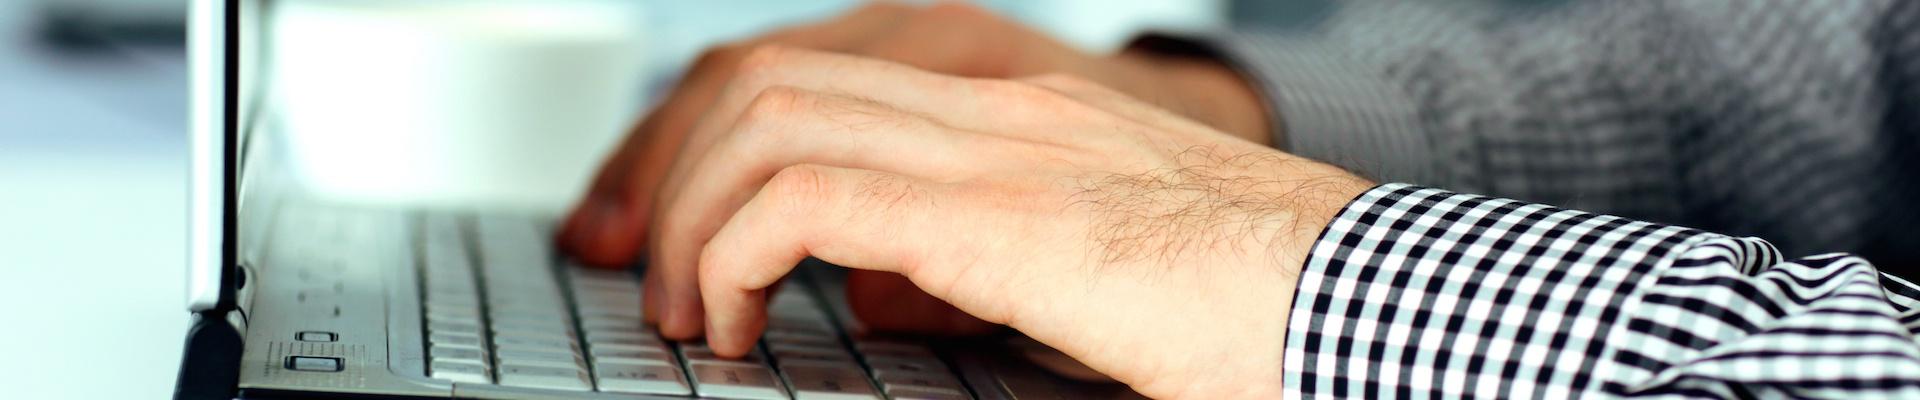 Снимка на ръце върху клавиатура